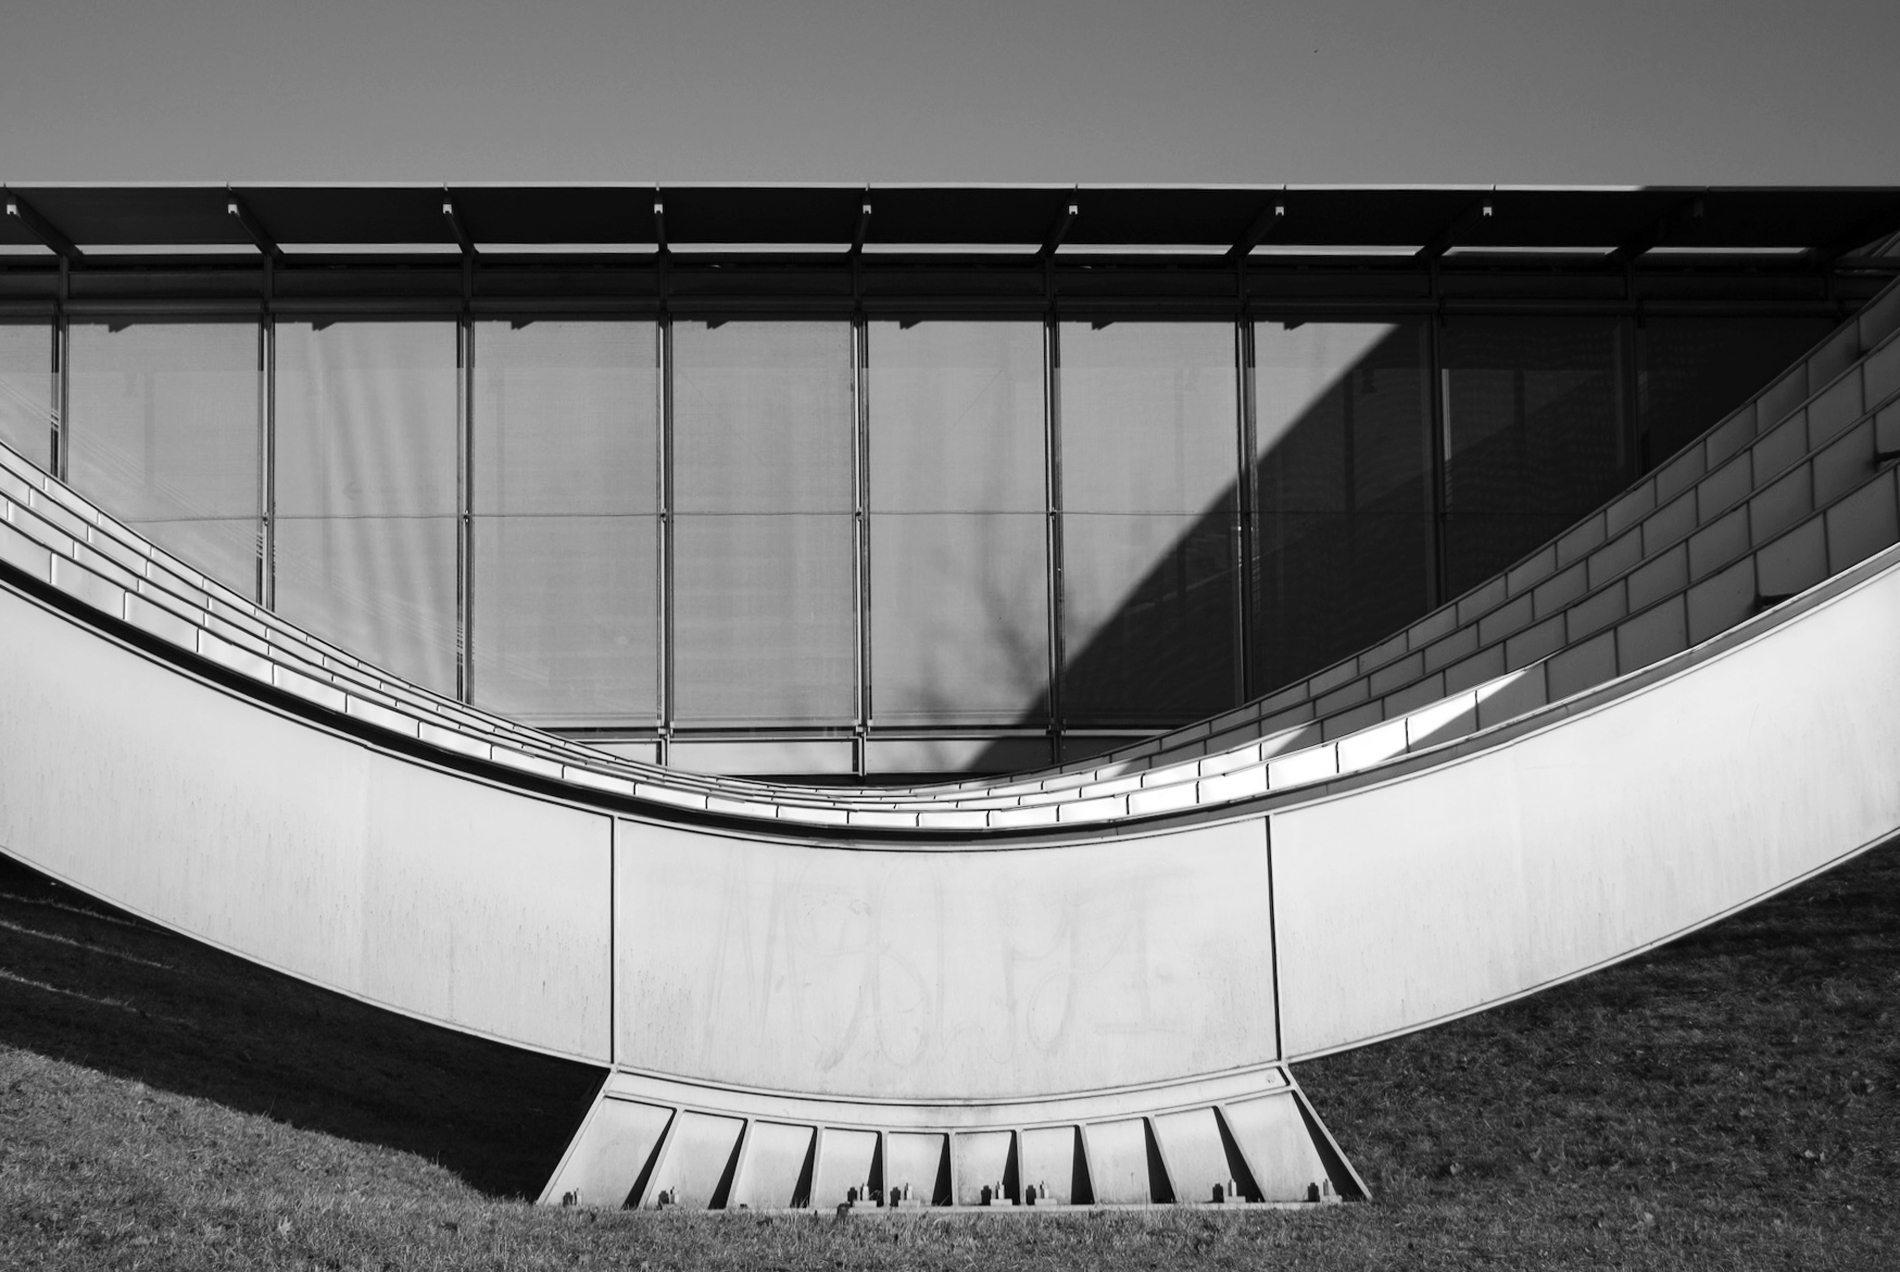 Zentrum Paul Klee.  ... Um diese möglichst flächig zu übertragen, verteilt ein V-förmiges System aus Stahlseilen und -rohren die Lasten auf jeweils fünf Rippen.